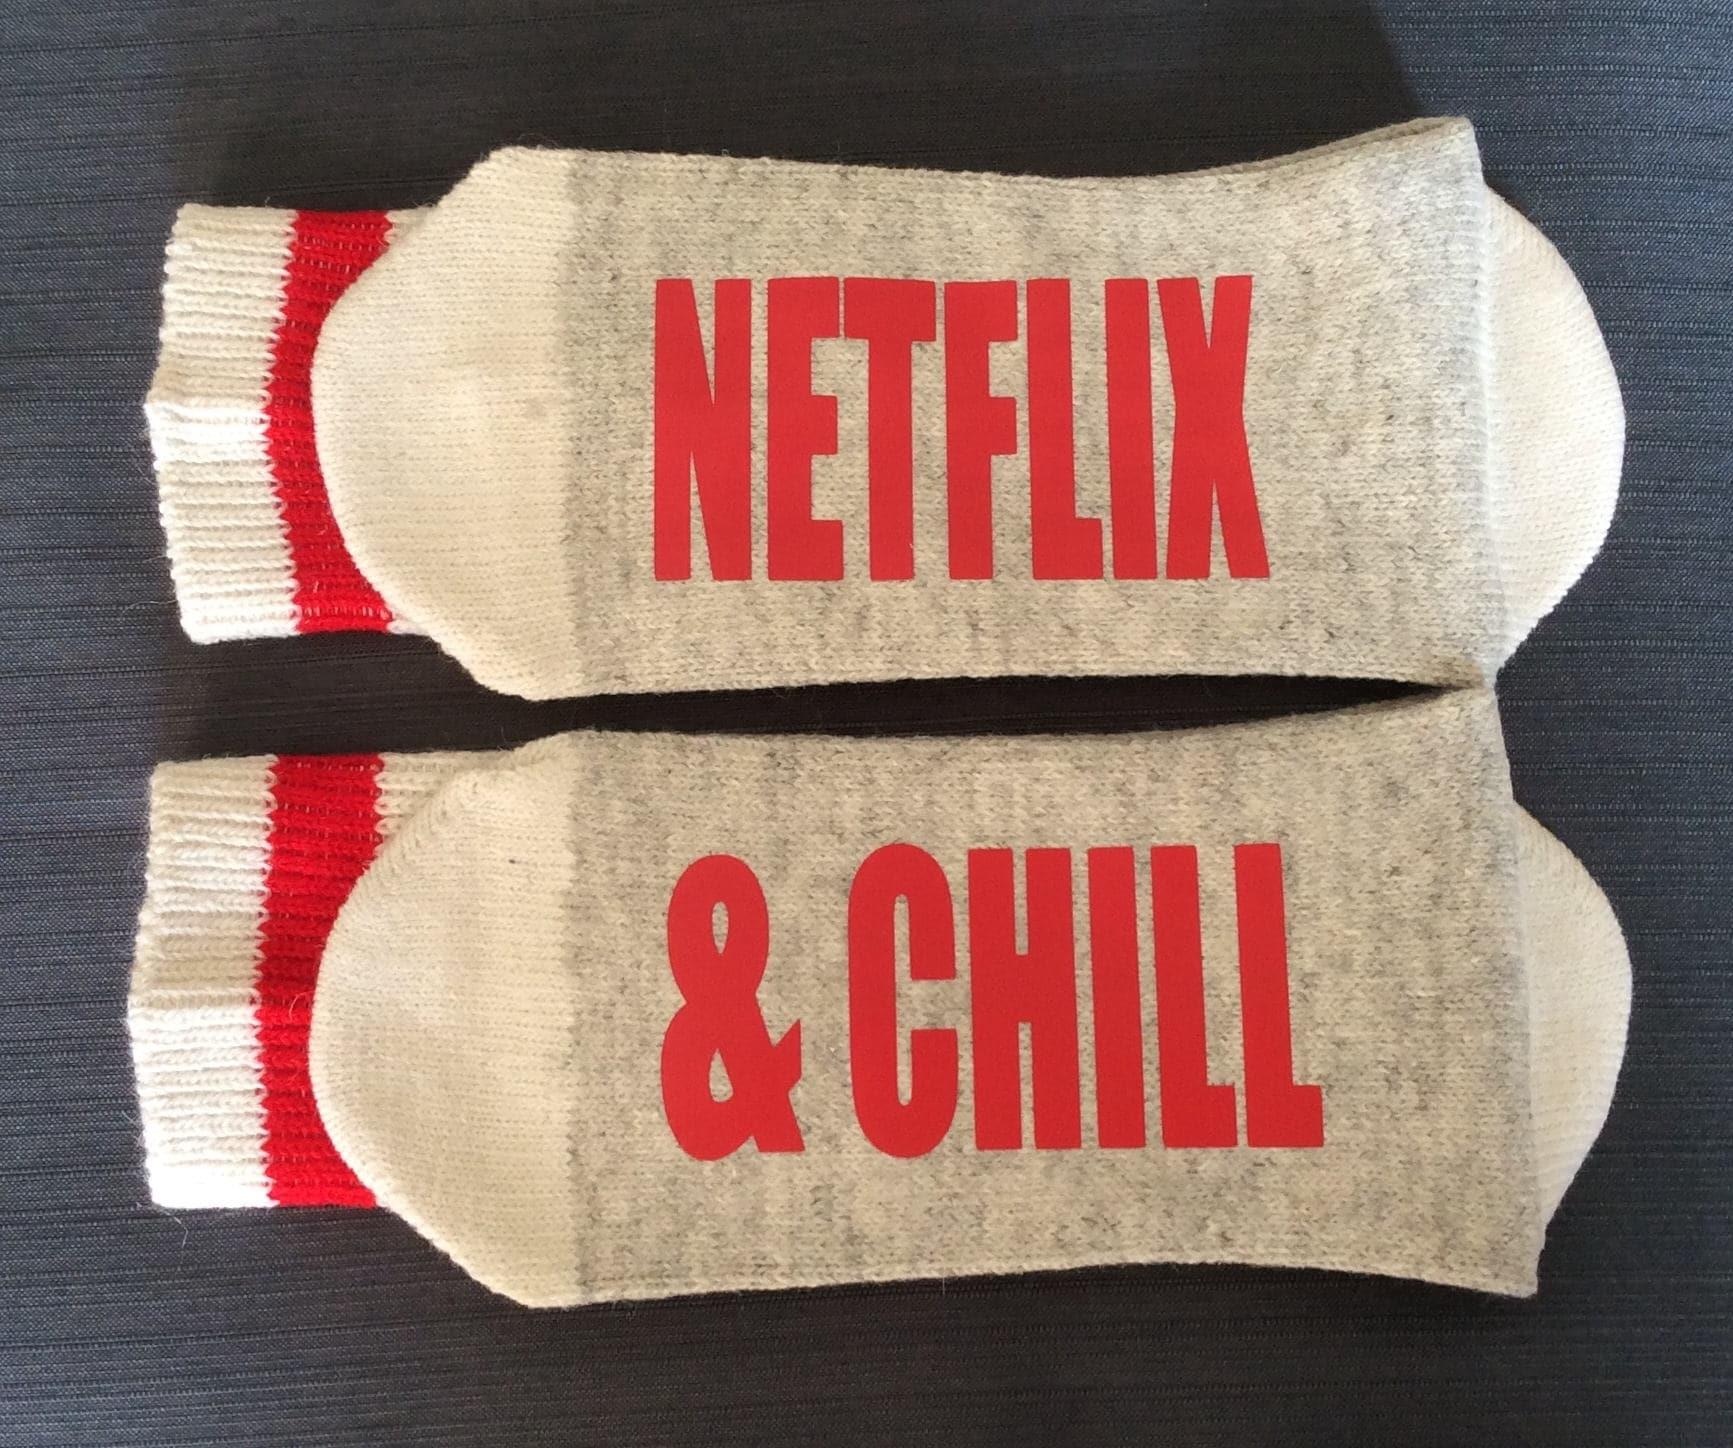 Socken Strumpf Stuffer Netflix Netflix-Netflix & Chill-Netflix | Etsy